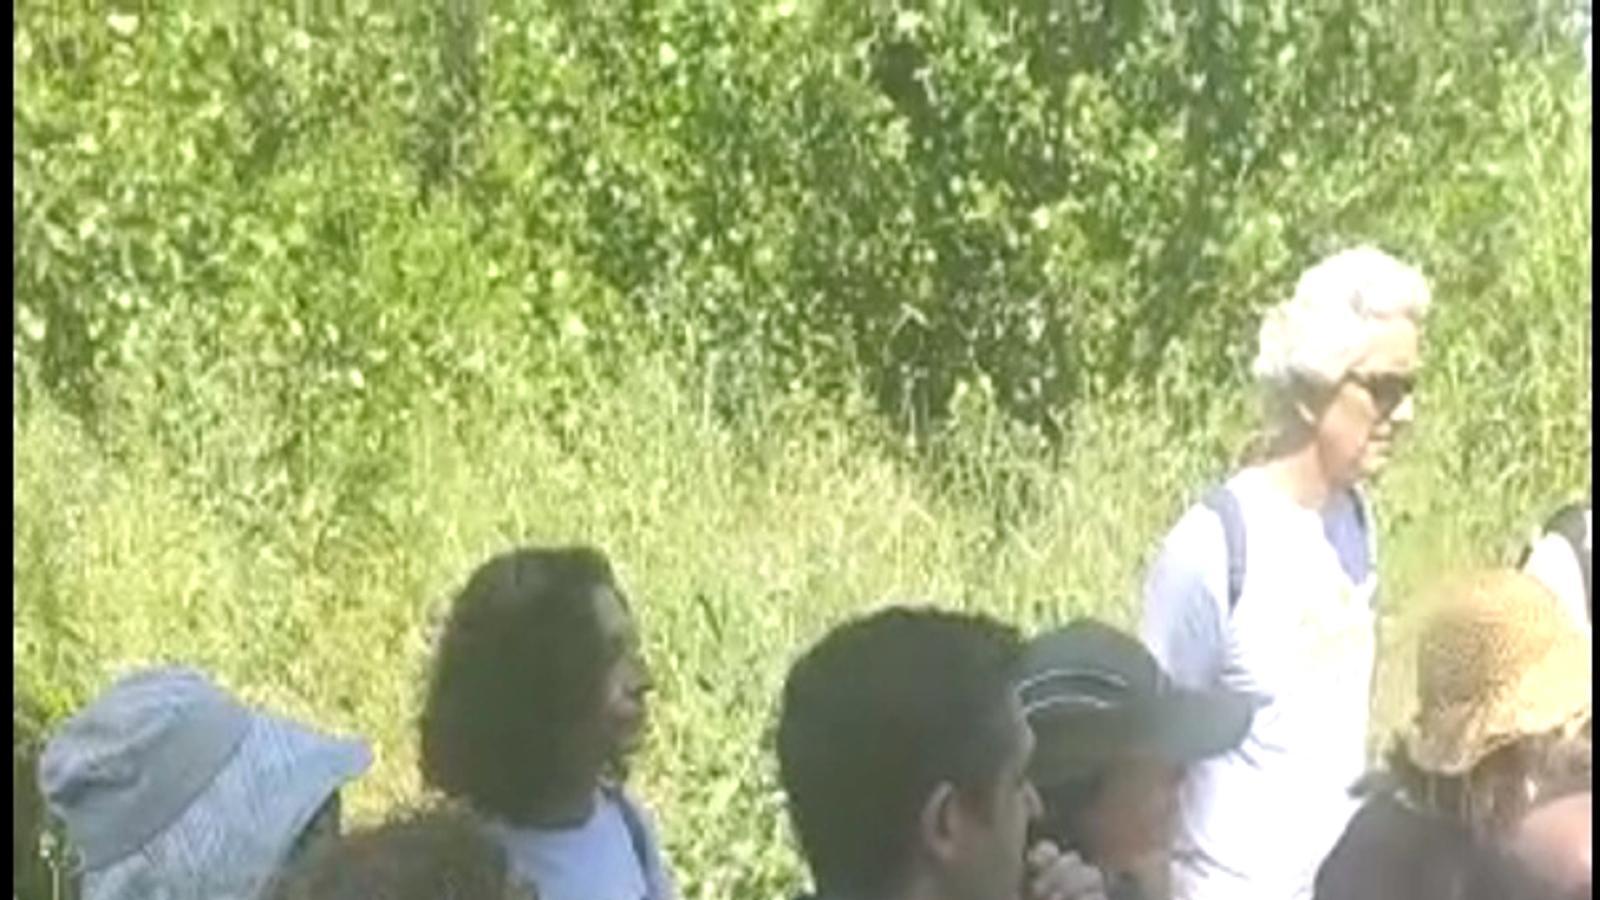 Captura del vídeo de la trobada de Dolça Revolució amb un centenar de persones malgrat les restriccions per la covid-19, el 30 de maig de 2020.